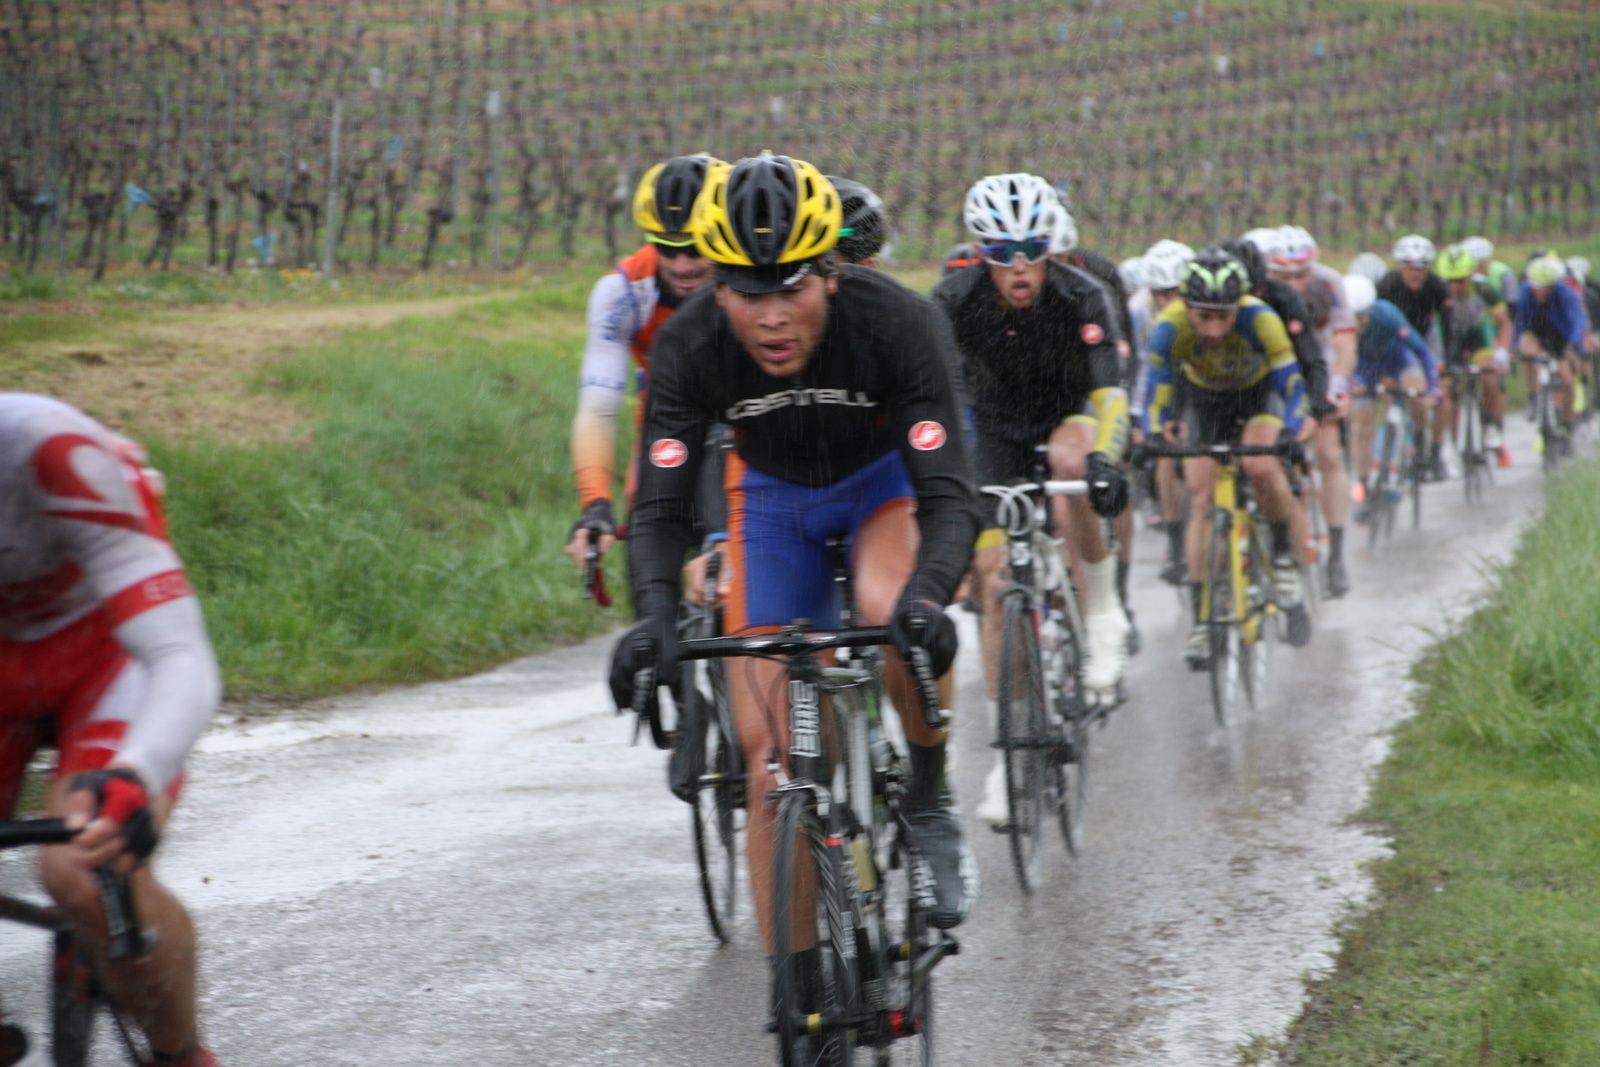 3e  tour  Michaél  LARPE  emméne  le  1er  groupe  devant  Ludovic  NADON  sous  la  pluie  battante